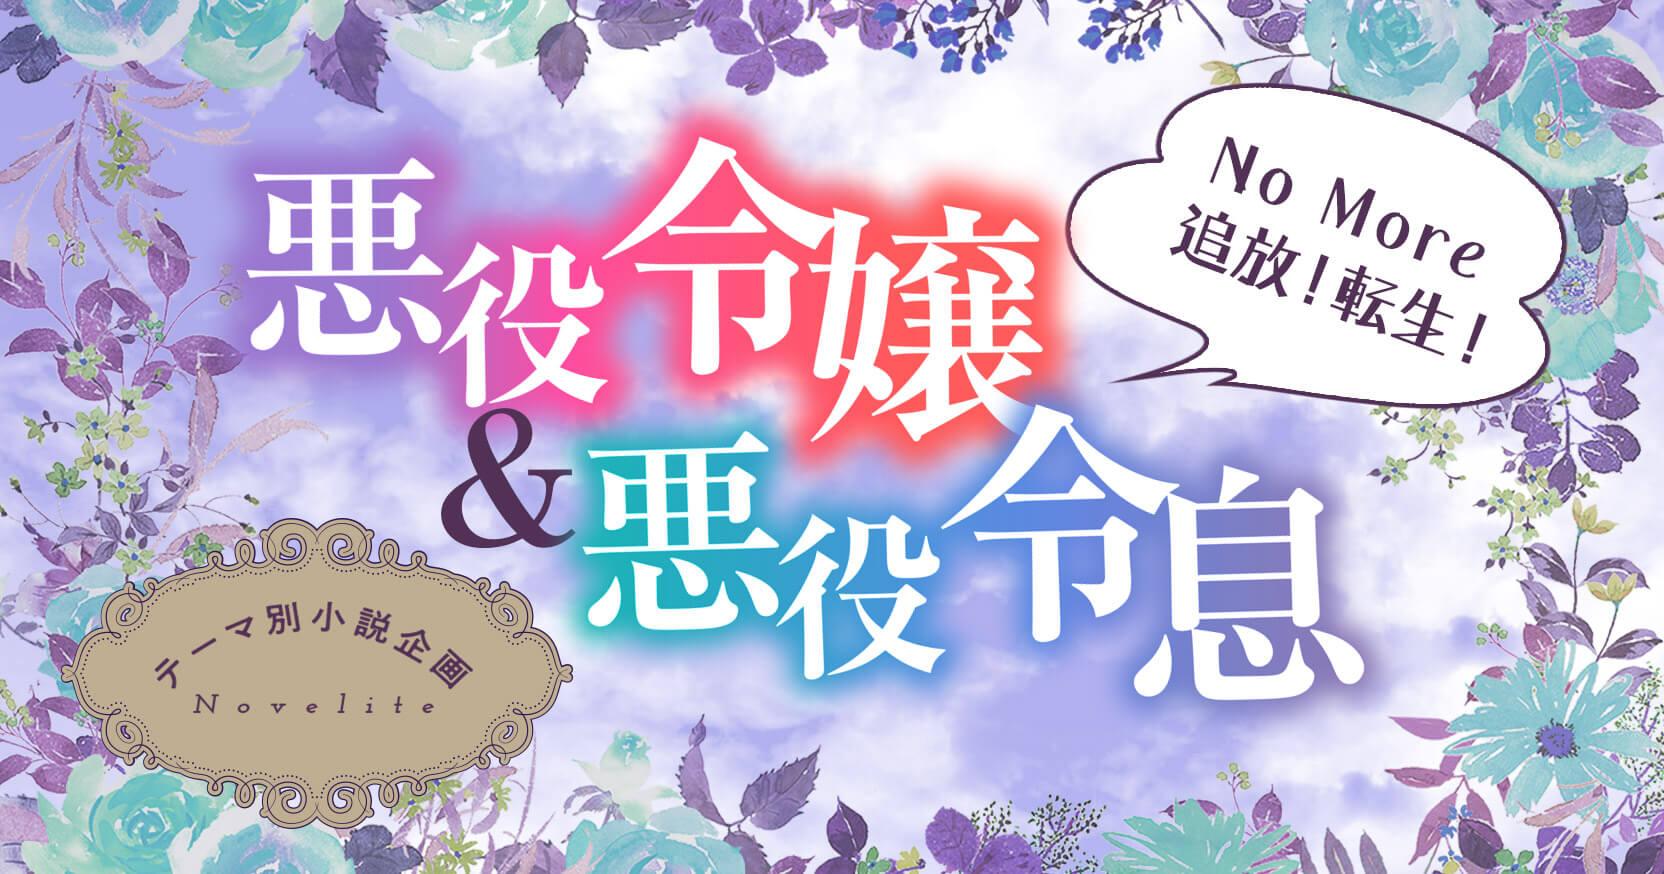 テーマ別小説企画Novelite テーマ「悪役令嬢&悪役令息」